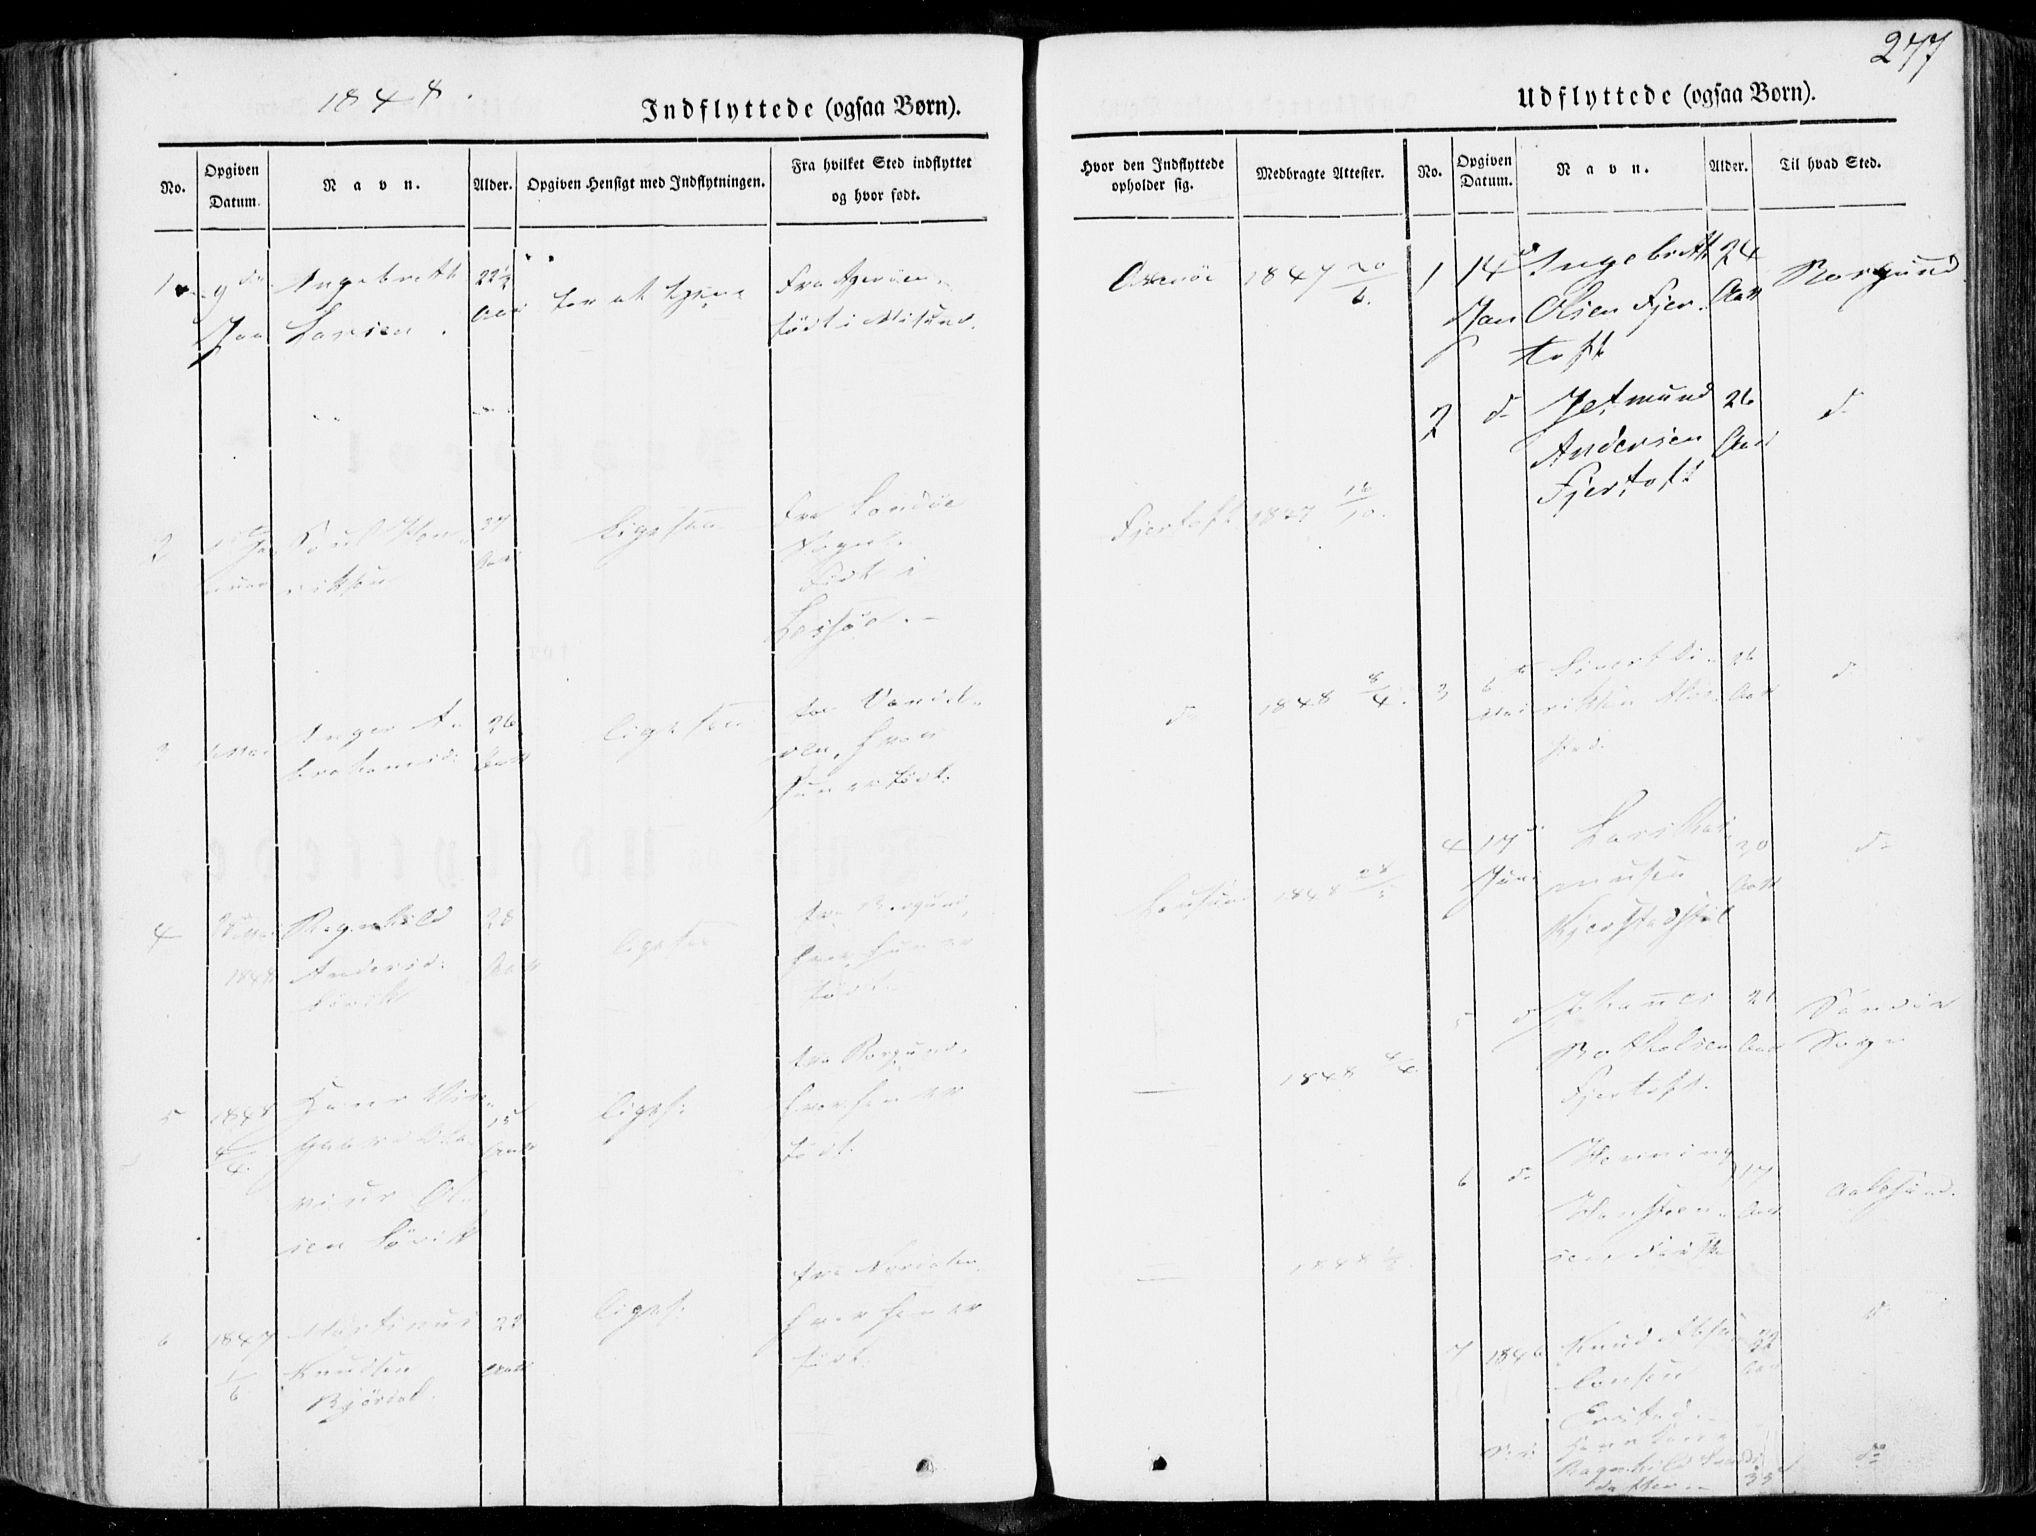 SAT, Ministerialprotokoller, klokkerbøker og fødselsregistre - Møre og Romsdal, 536/L0497: Ministerialbok nr. 536A06, 1845-1865, s. 277